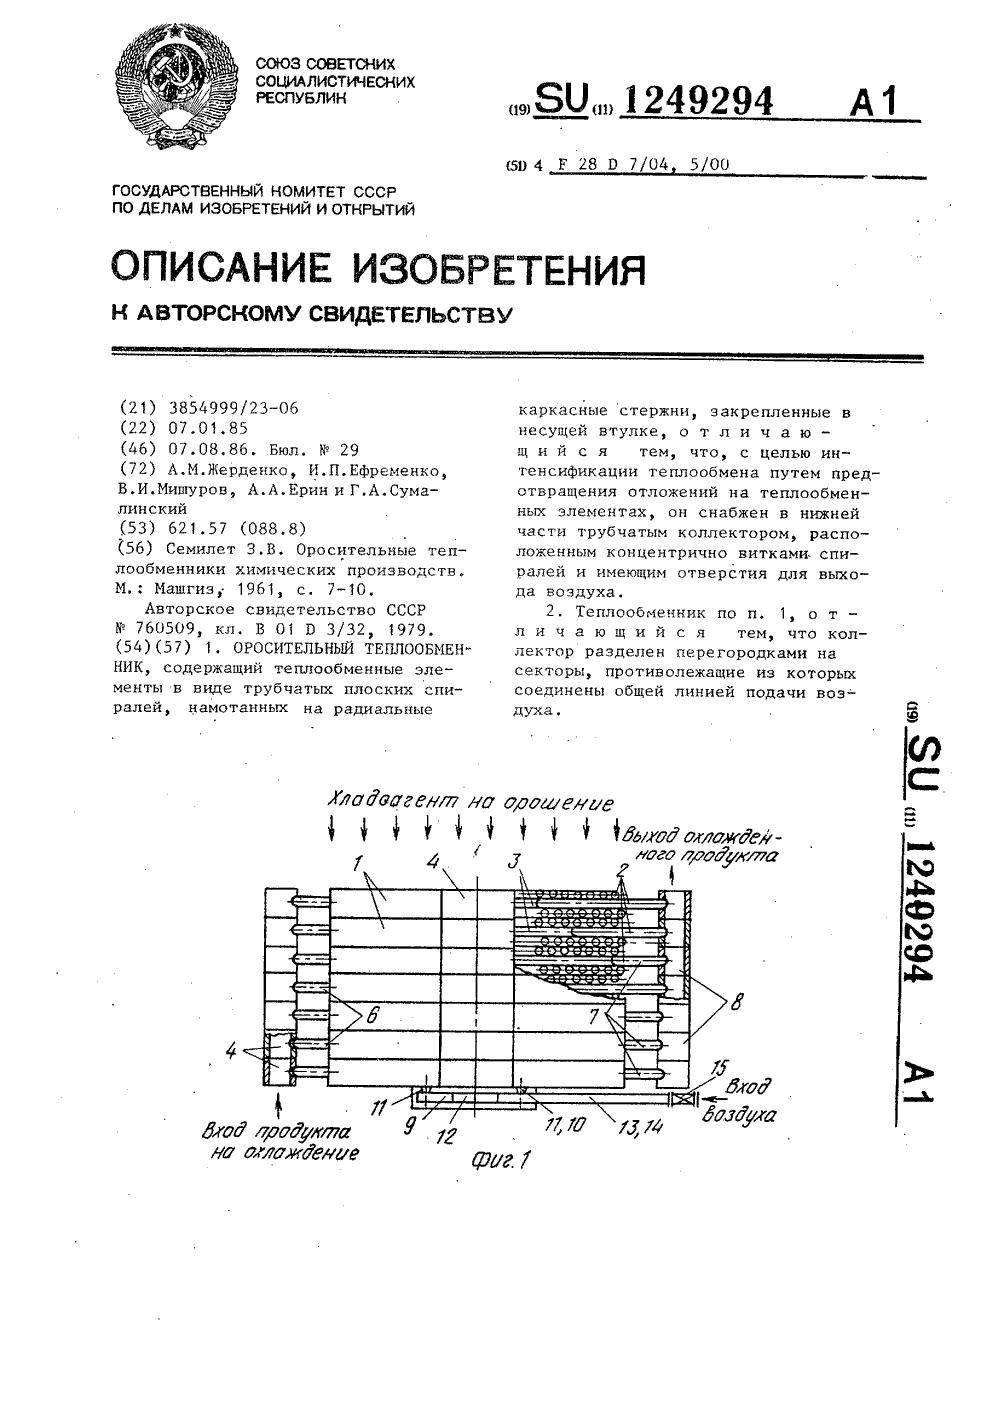 Теплообменник медсанчасть Пластинчатый теплообменник Sondex S22 (пищевой теплообменник) Кисловодск